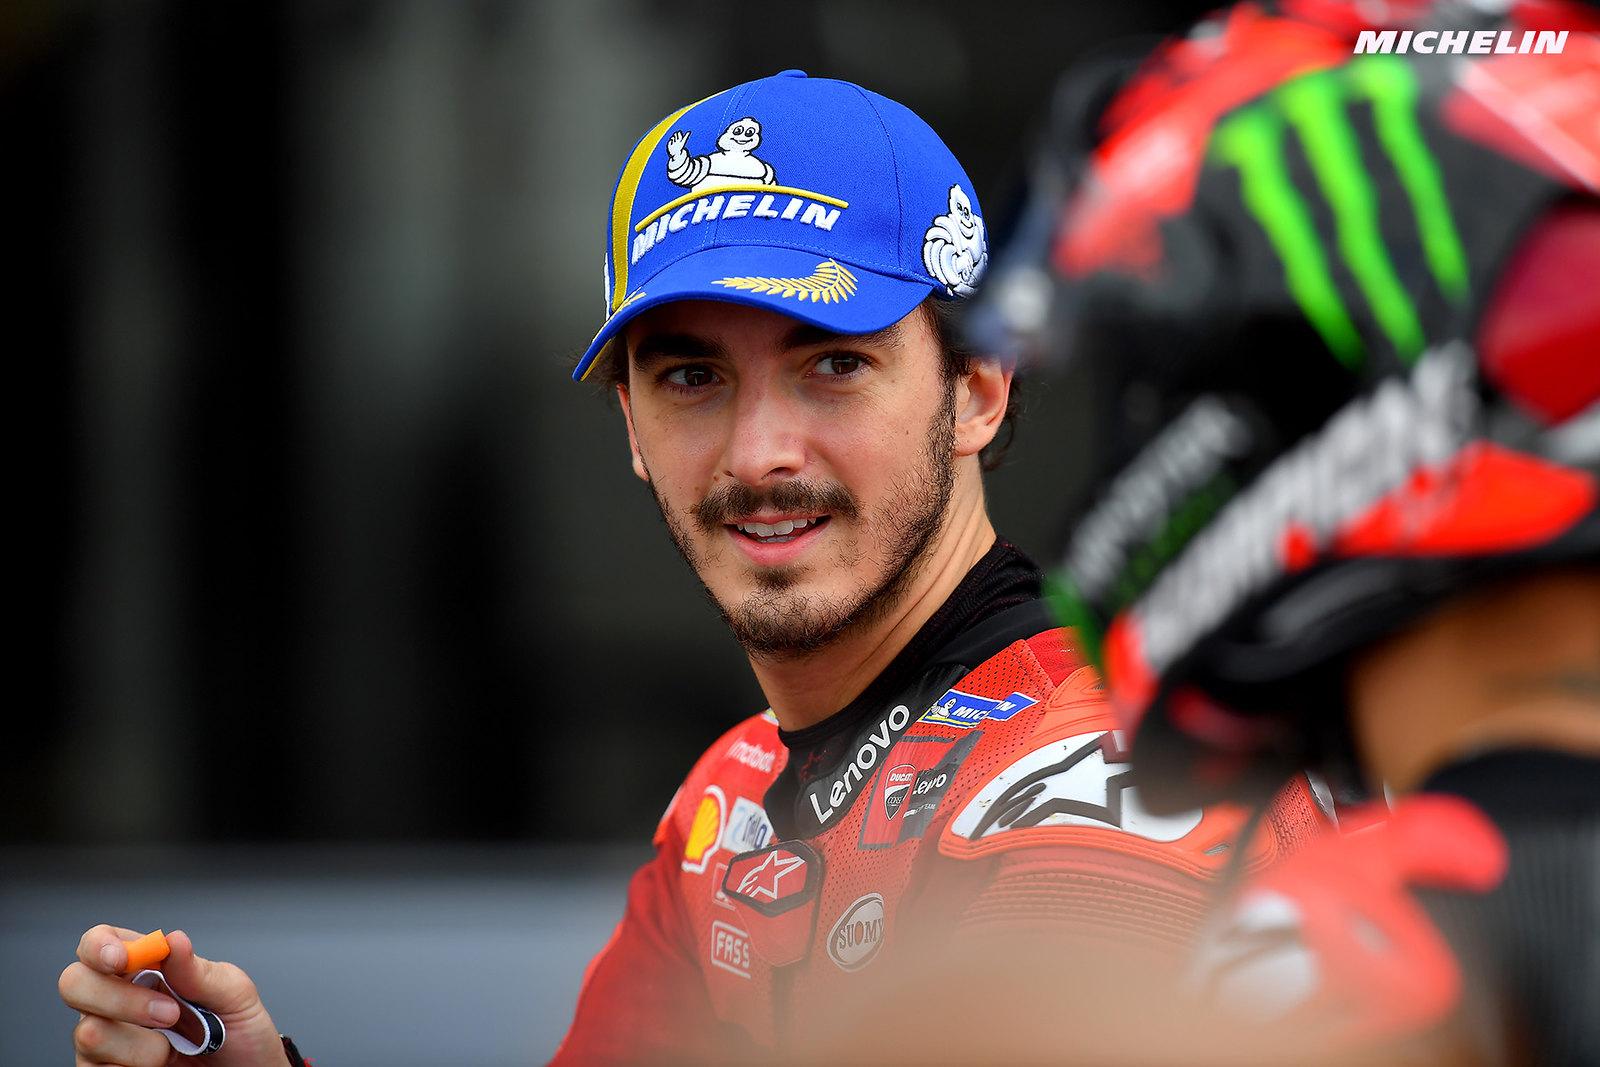 MotoGP2021イギリスGP 予選2位フランセスコ・バグナイア「明日のタイヤはミディアムもしくはハード」